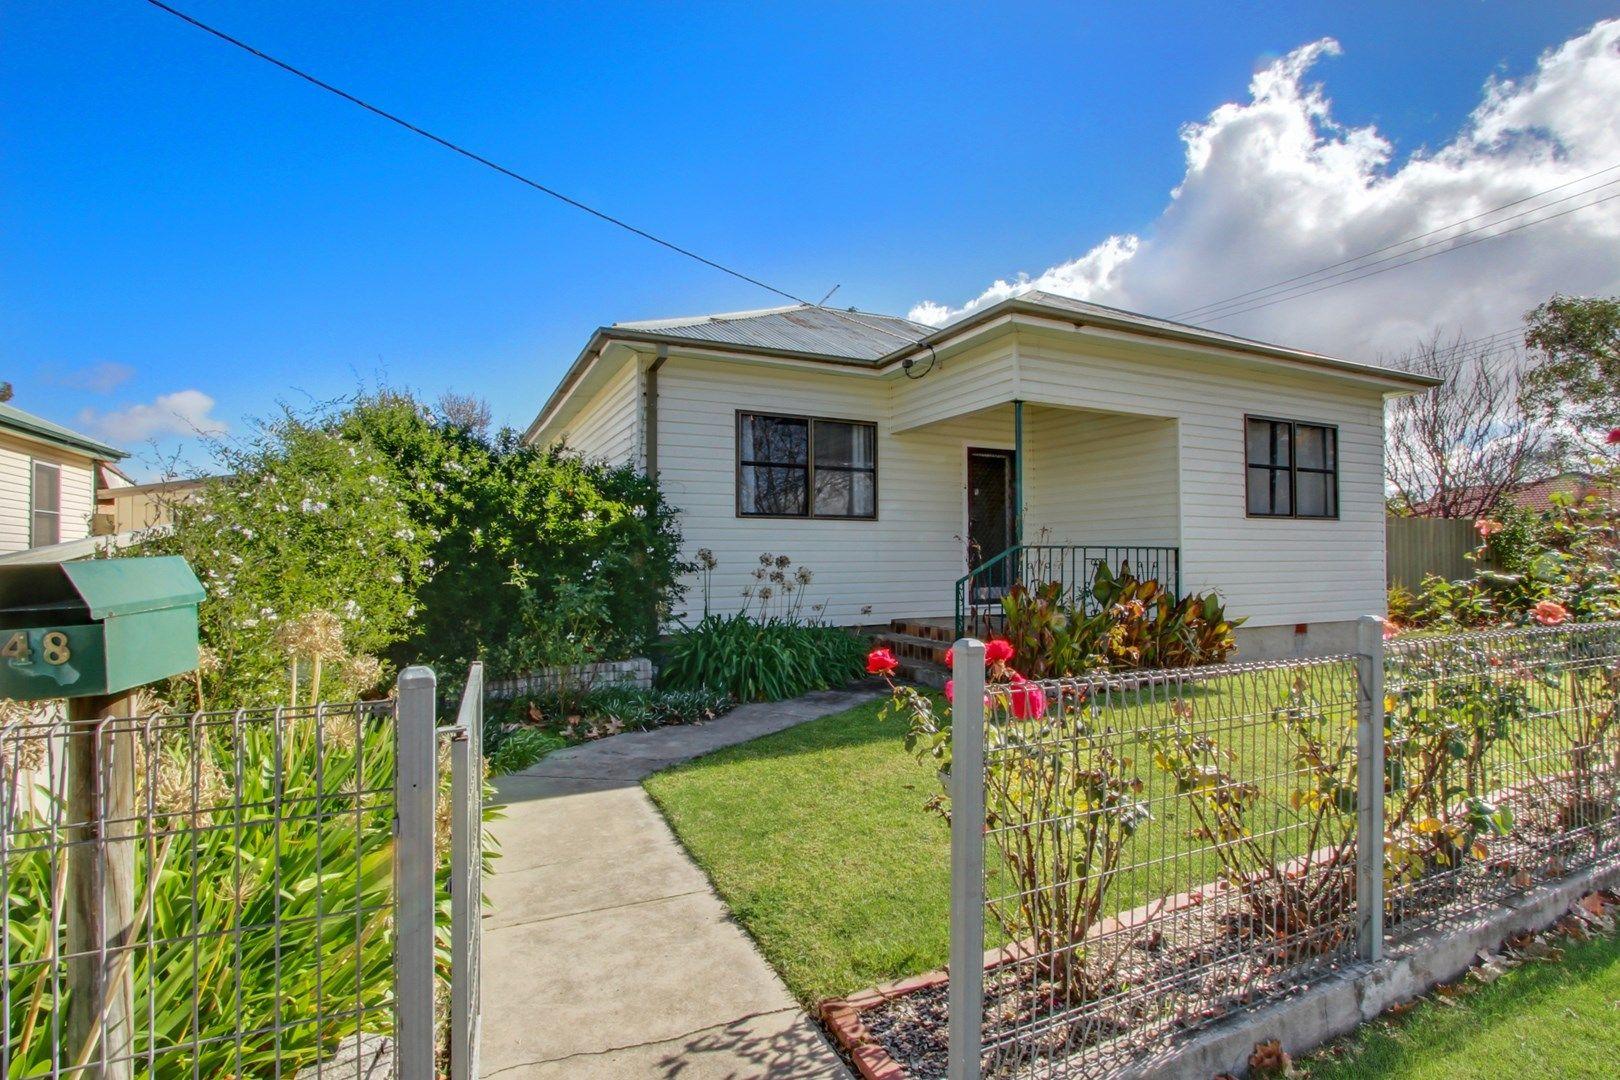 48 Joshua Street, Goulburn NSW 2580, Image 0